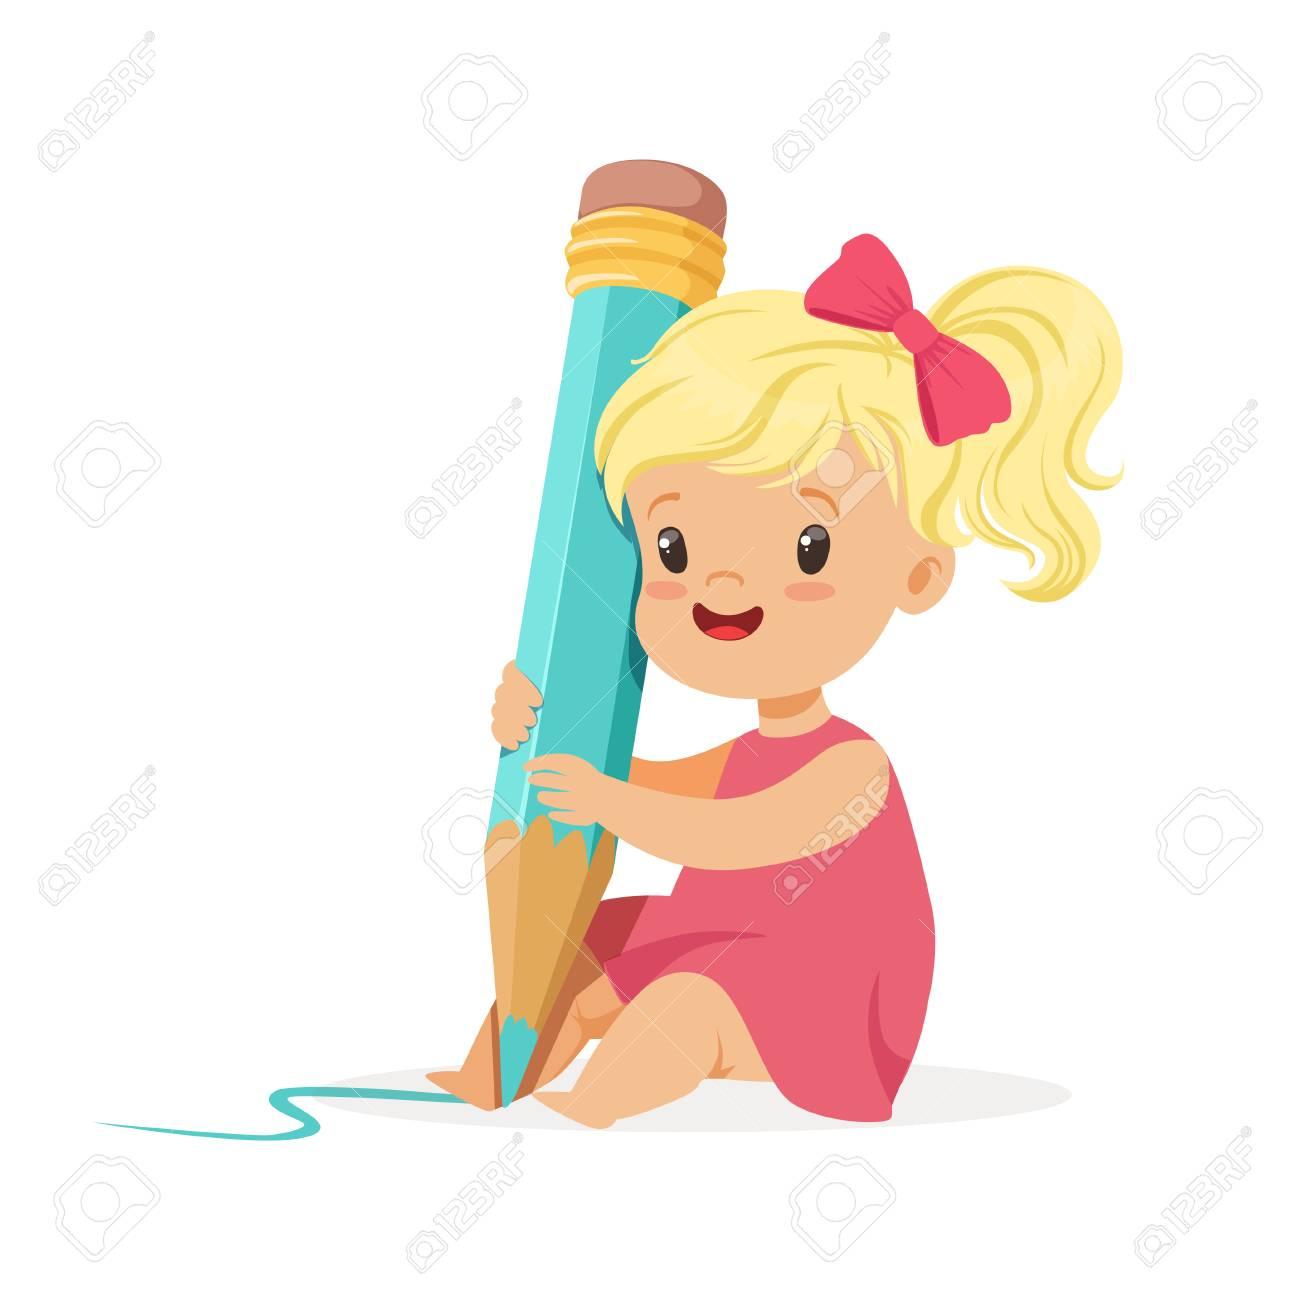 Jolie Petite Fille Blonde Assise Sur Le Sol Et écrit Avec Un Vecteur De Dessin Animé De Crayon Bleu Géant Illustration Sur Fond Blanc